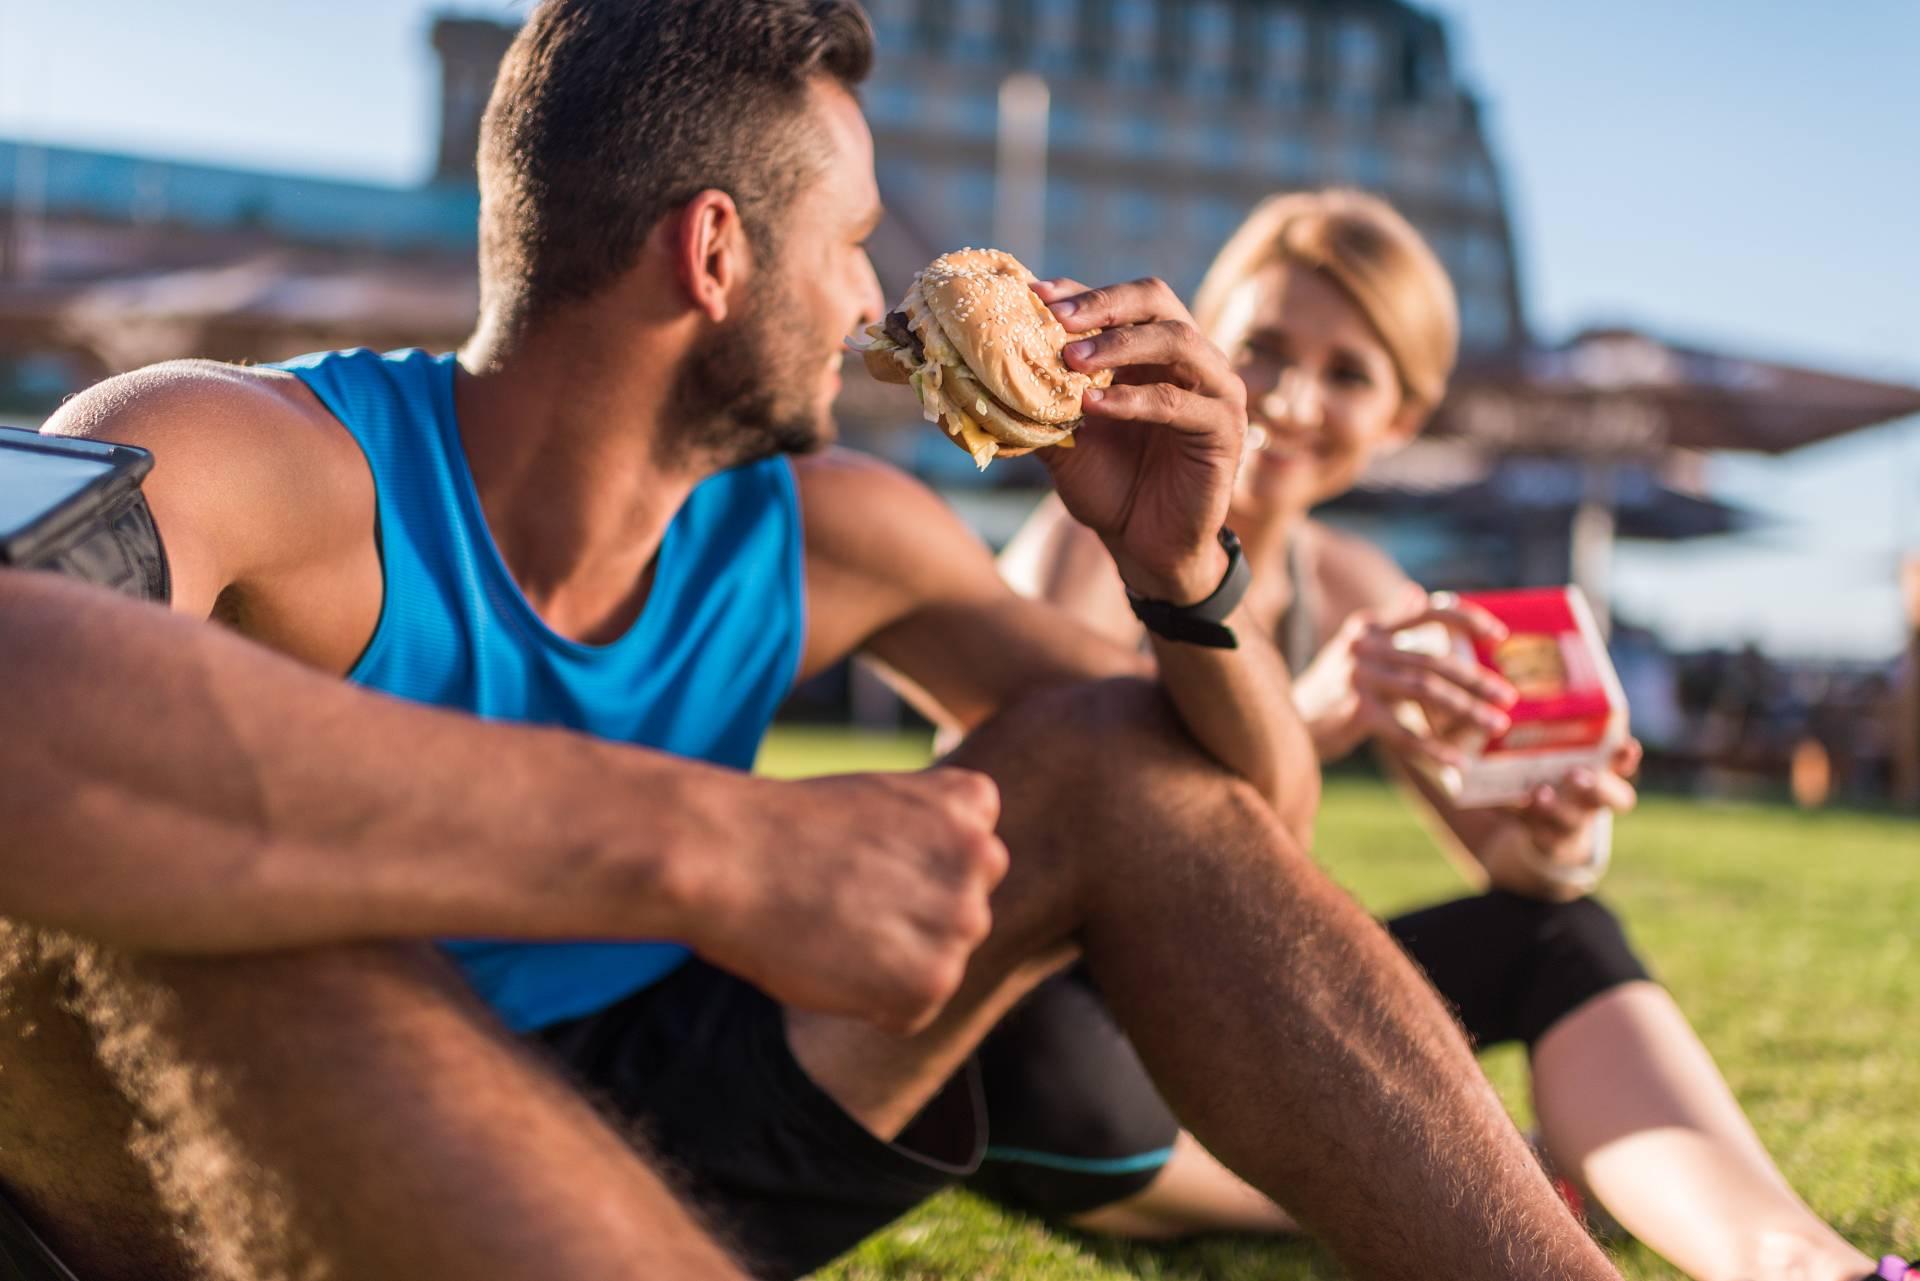 Rigide Vs. flexible Diäten zur Verbesserung der Körperkomposition: Welcher Ansatz ist besser?